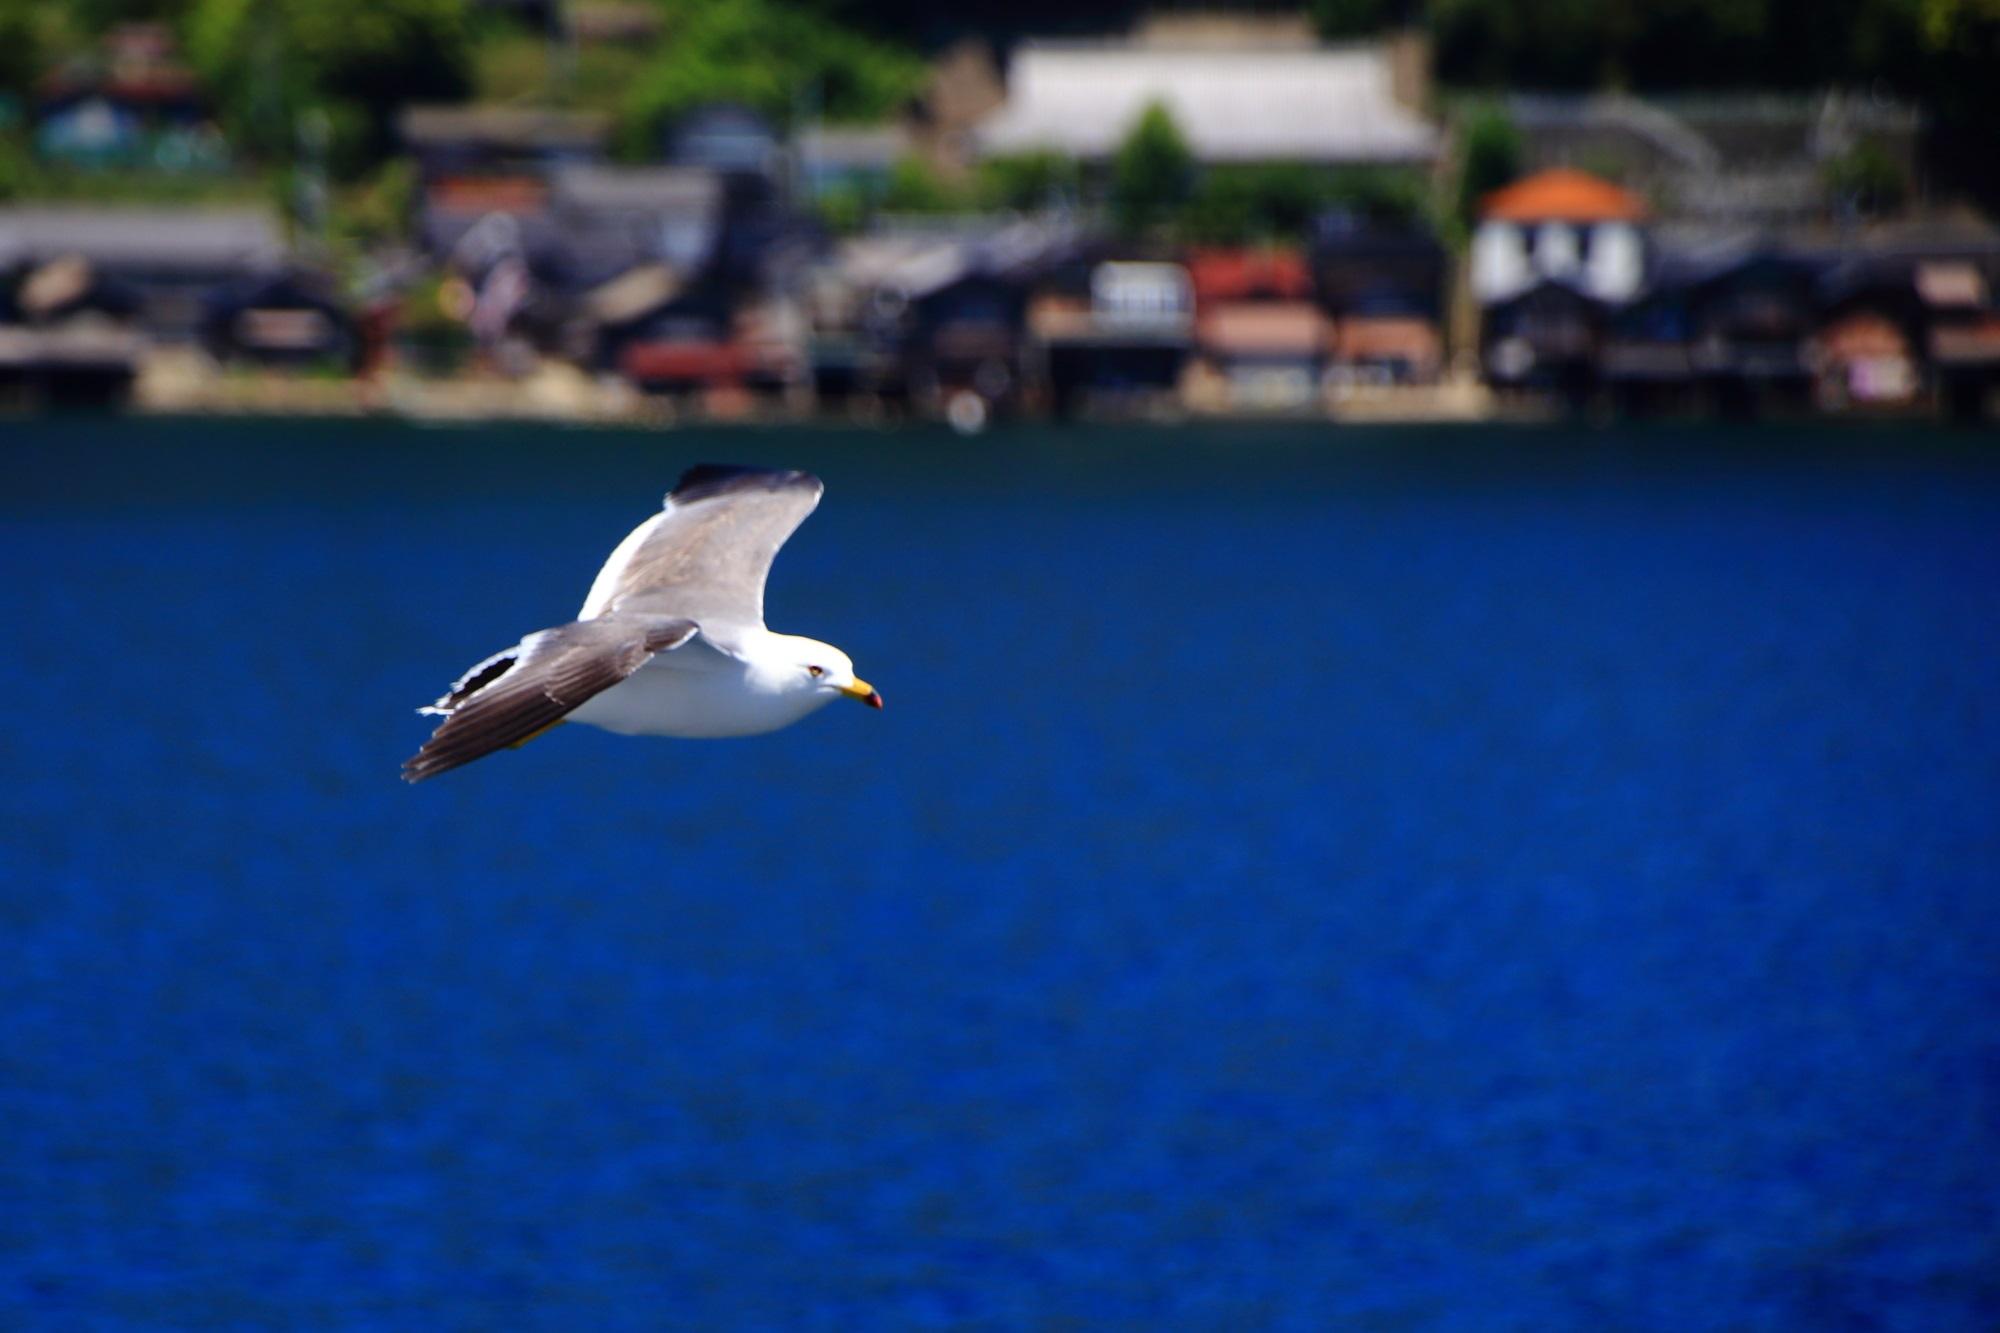 船と同じ速度で飛んでくれる伊根湾のカモメ